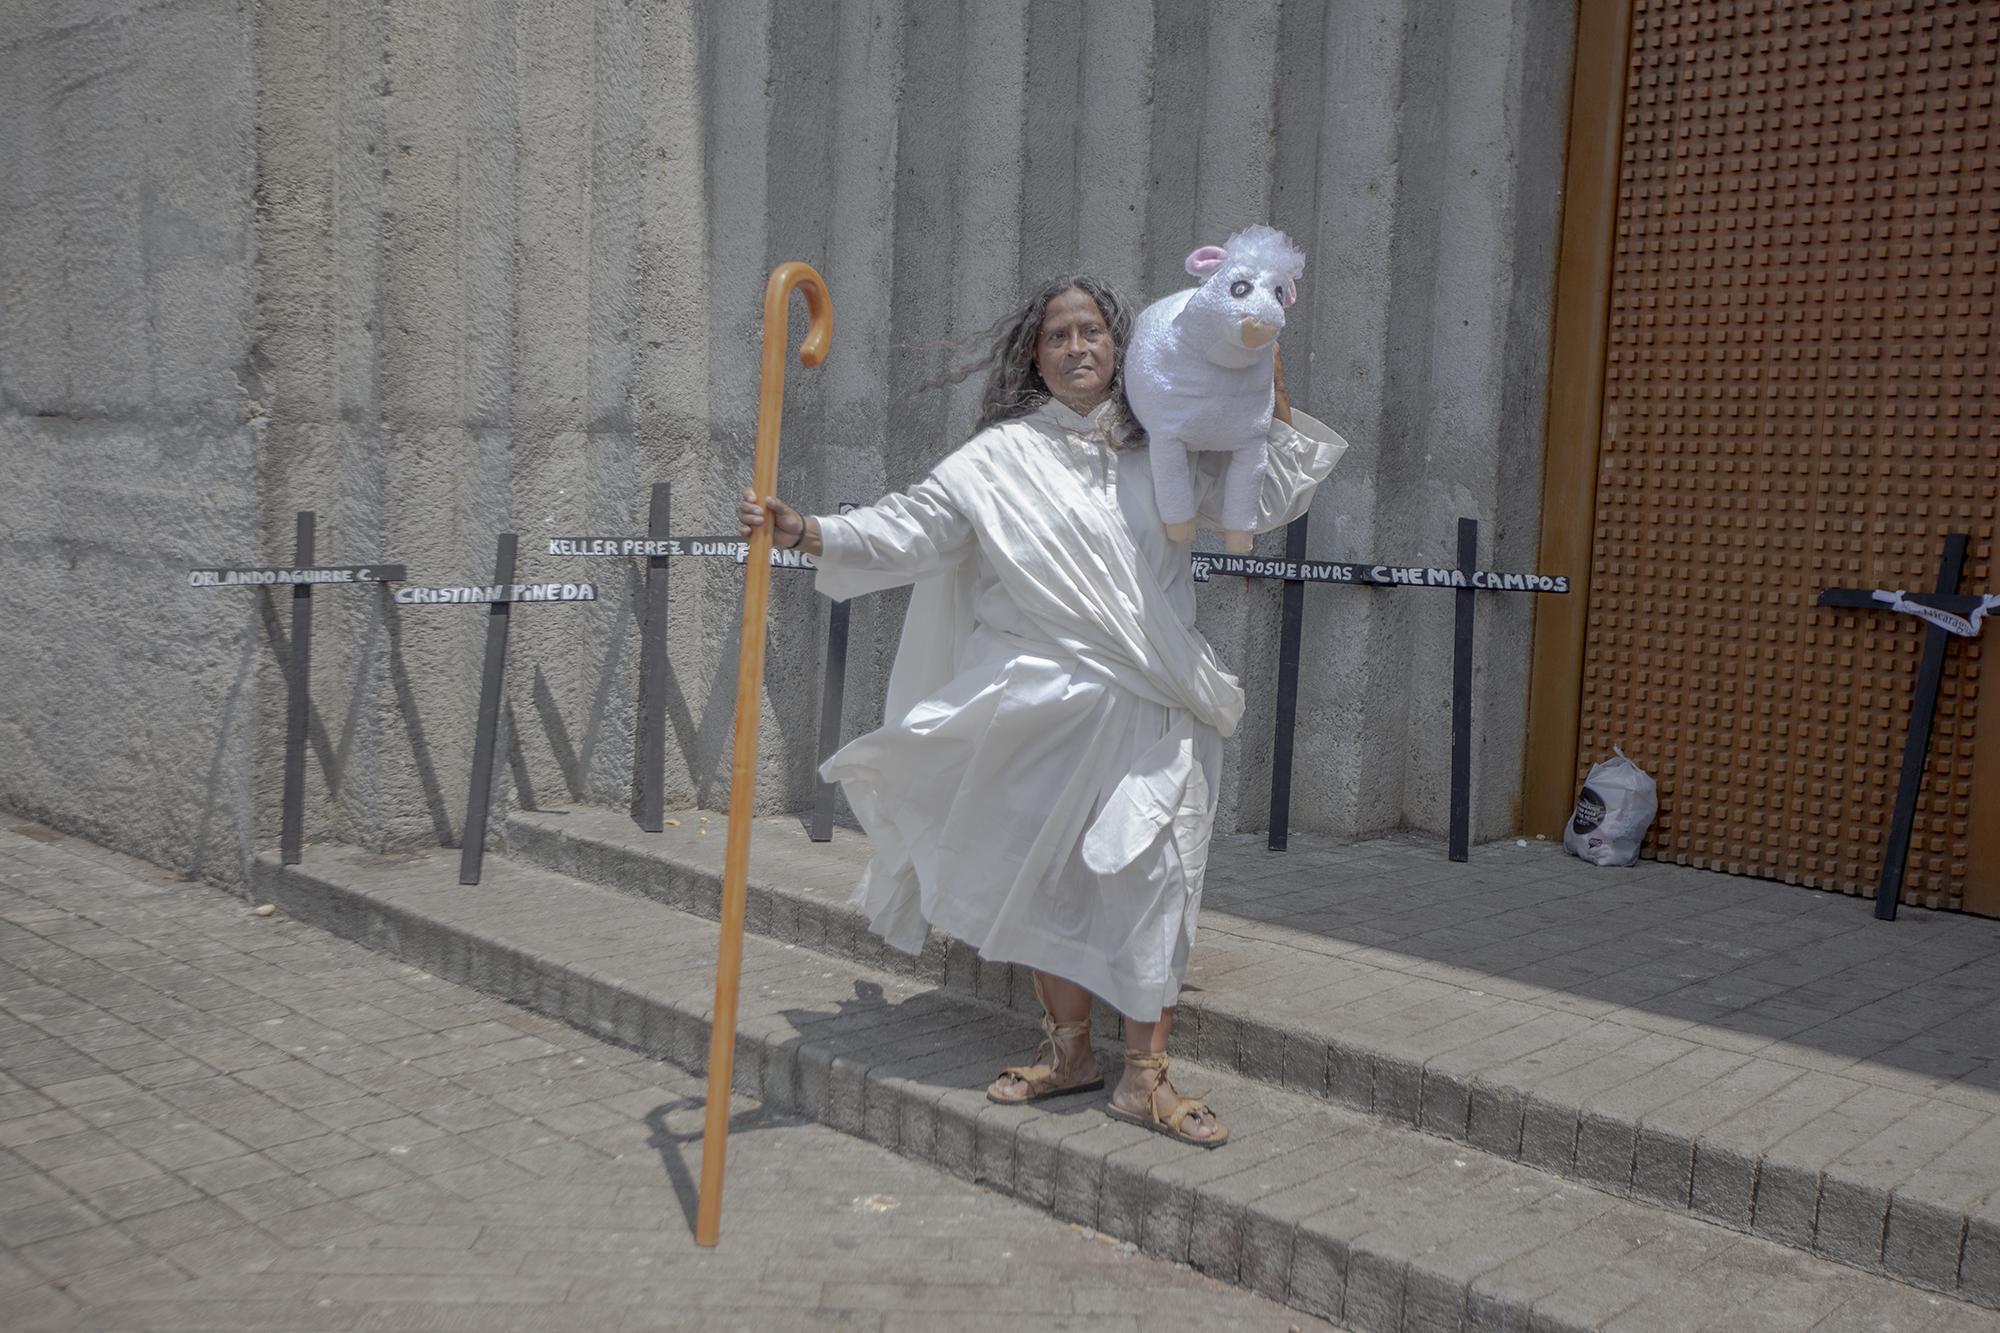 Cruces negras con los nombres de algunas de las víctimas fueron utilizadas como forma de protesta durante el viacrucis afuera de la catedral de Managua el viernes santo. Rosa María, que viste del pastor de la abundancia, posa frente a las cruces.